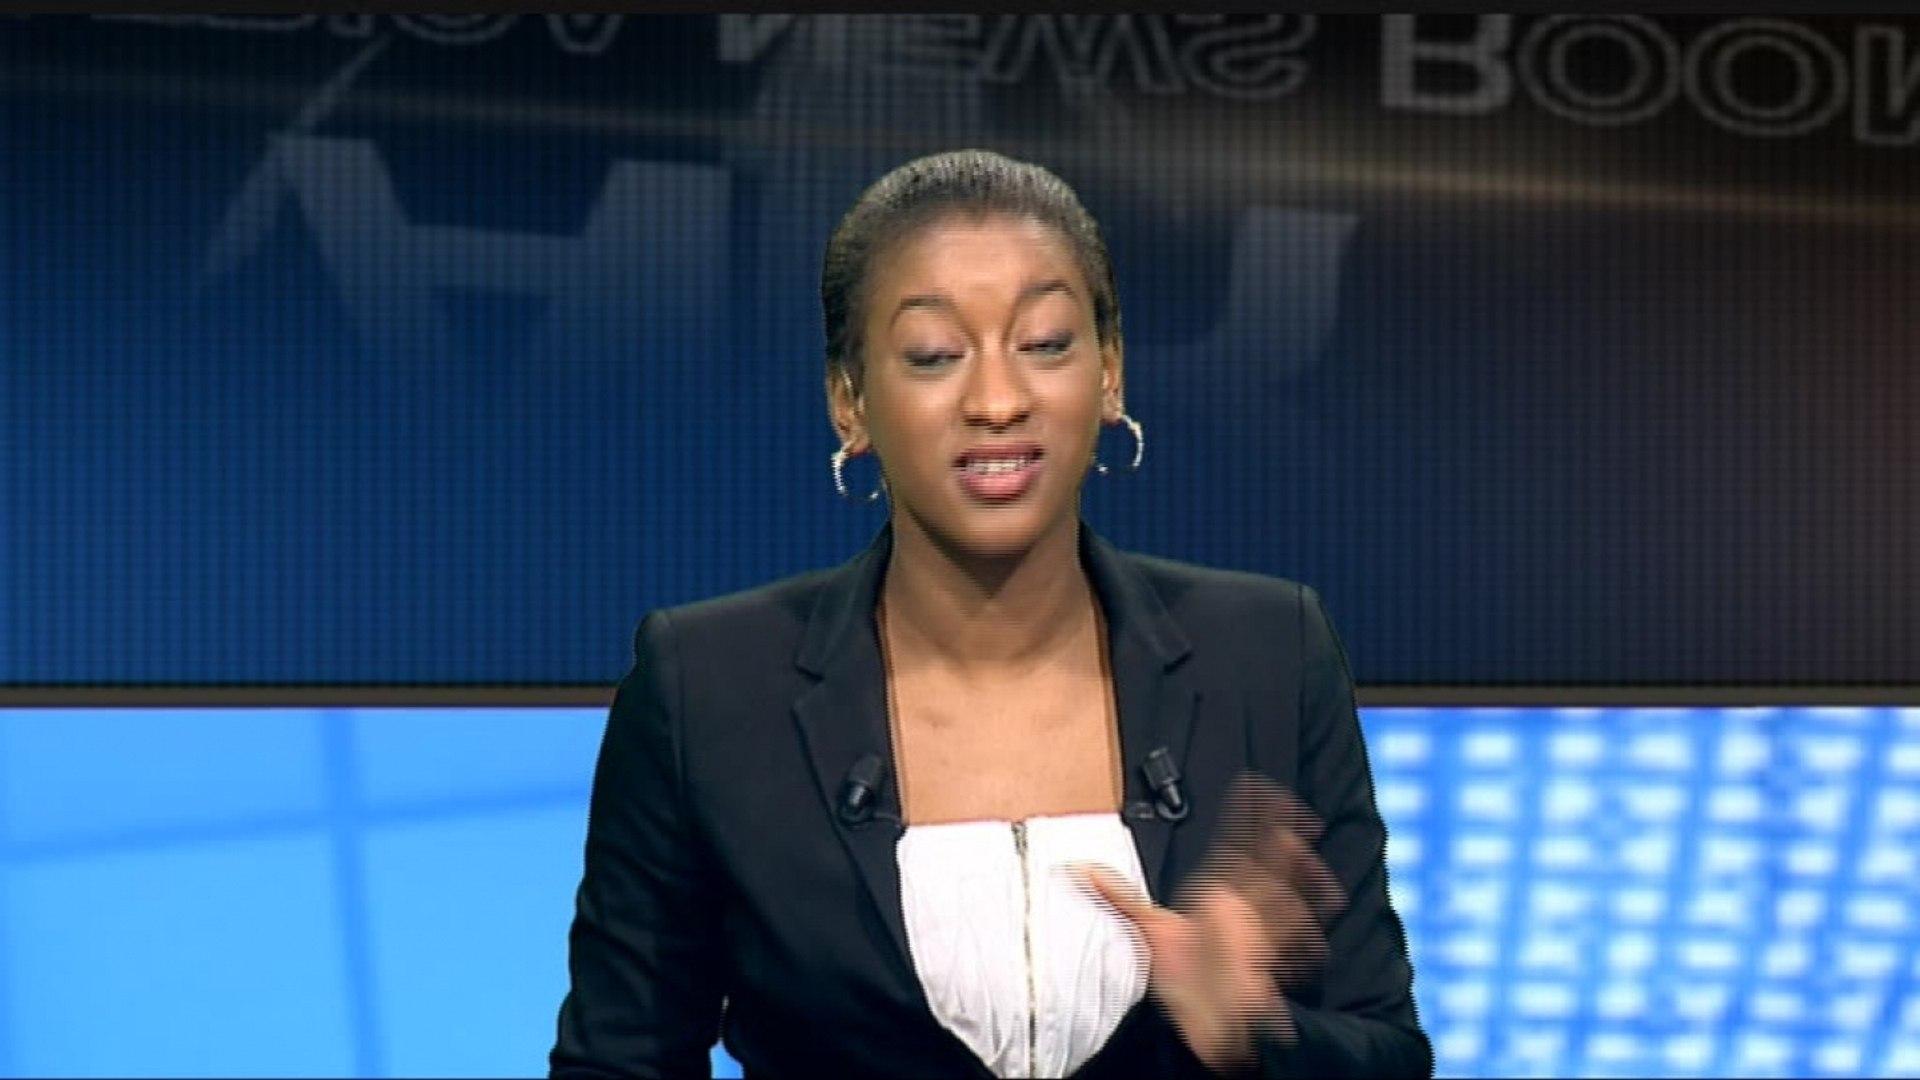 AFRICA NEWS ROOM - Afrique, Économie : La Télémédecine